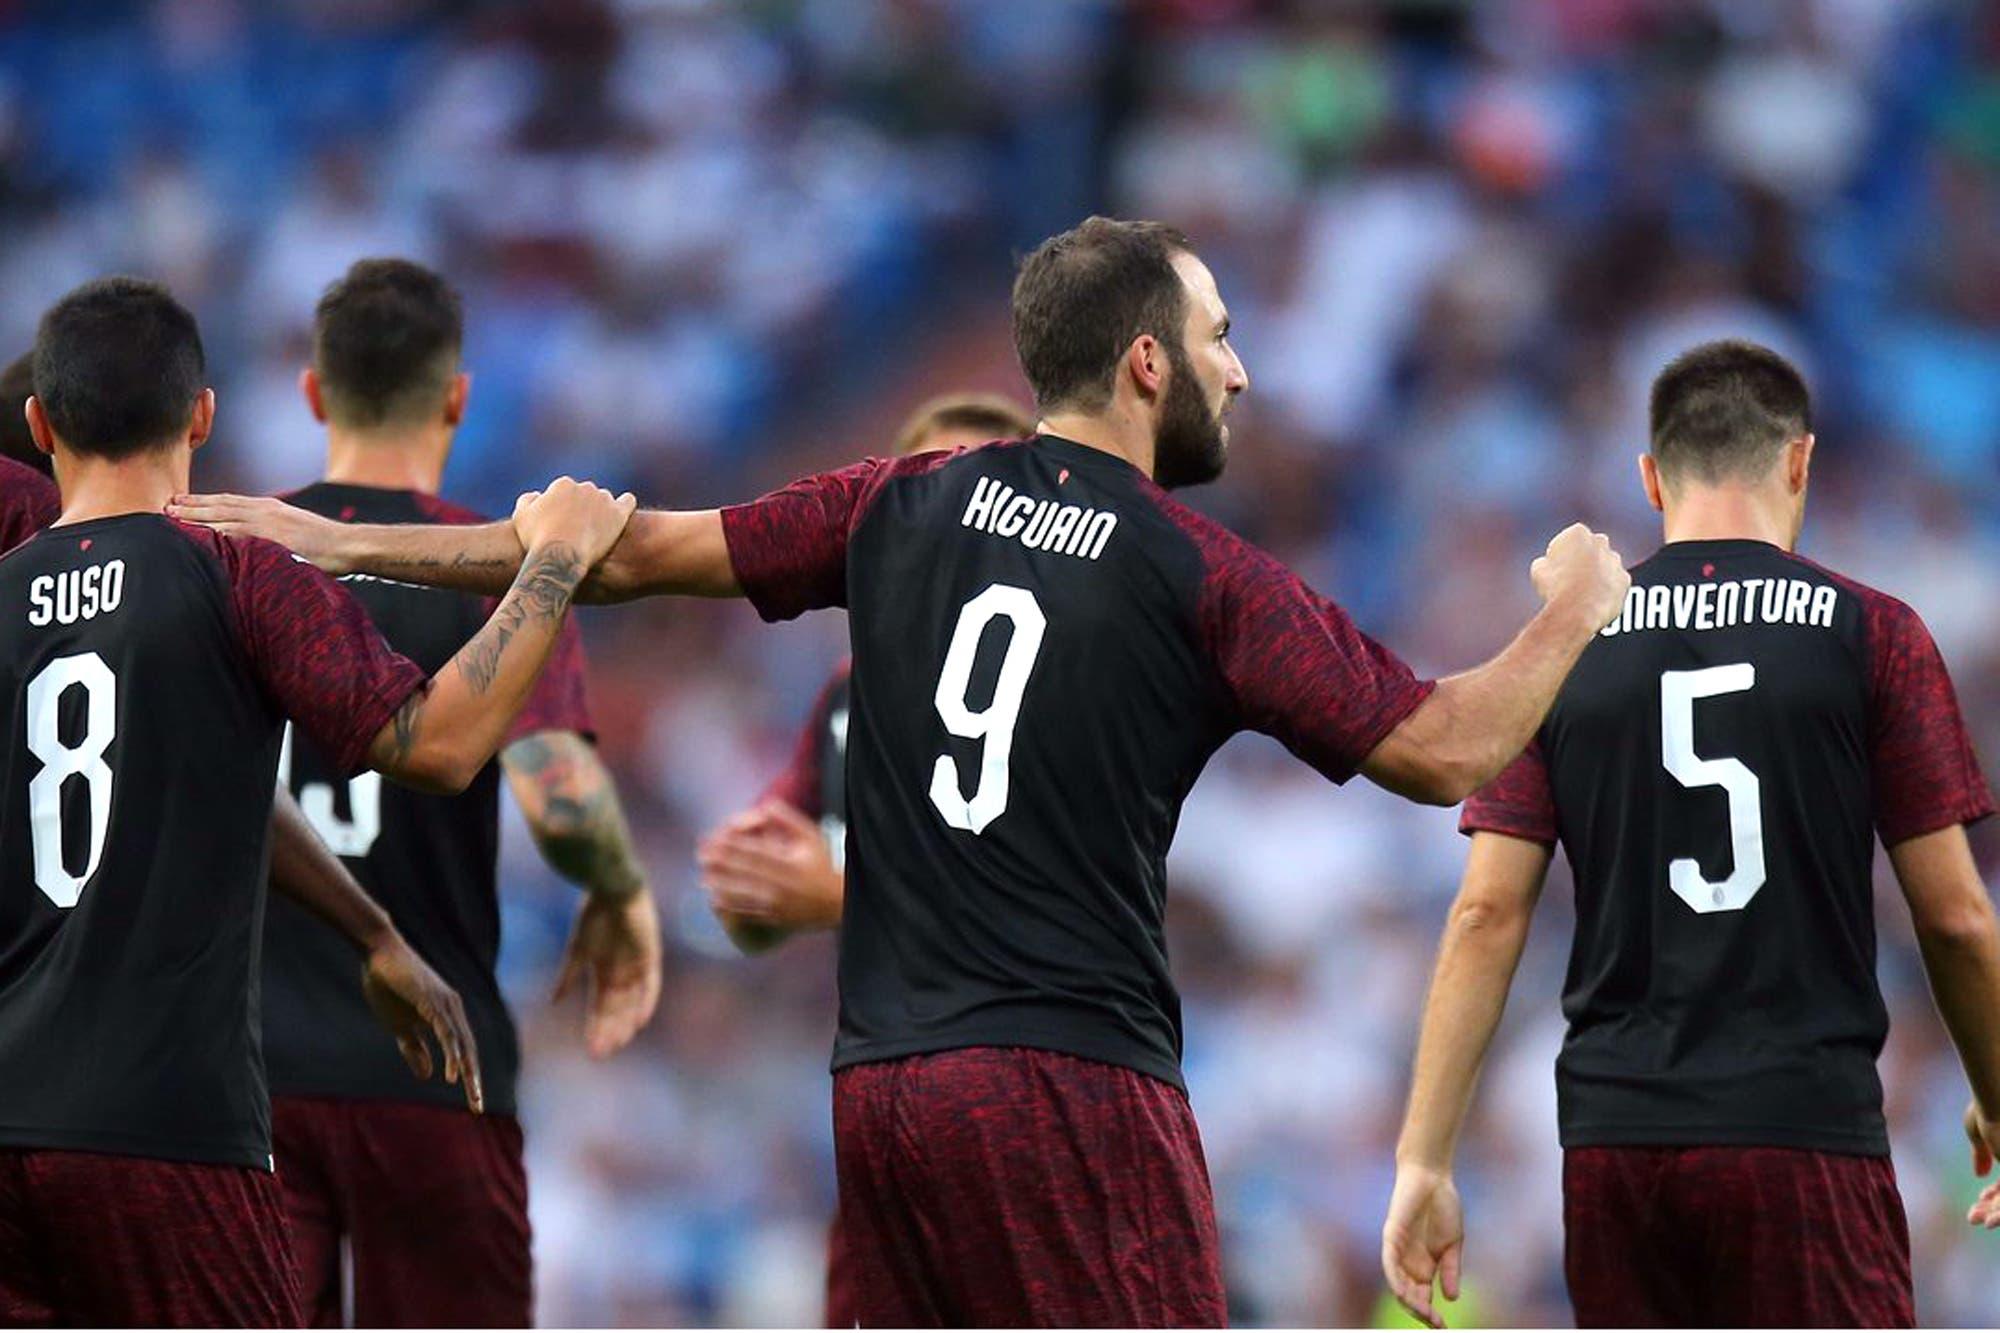 Higuaín tardó tres minutos en hacer su primer gol en Milan y fue ovacionado por los hinchas de Real Madrid